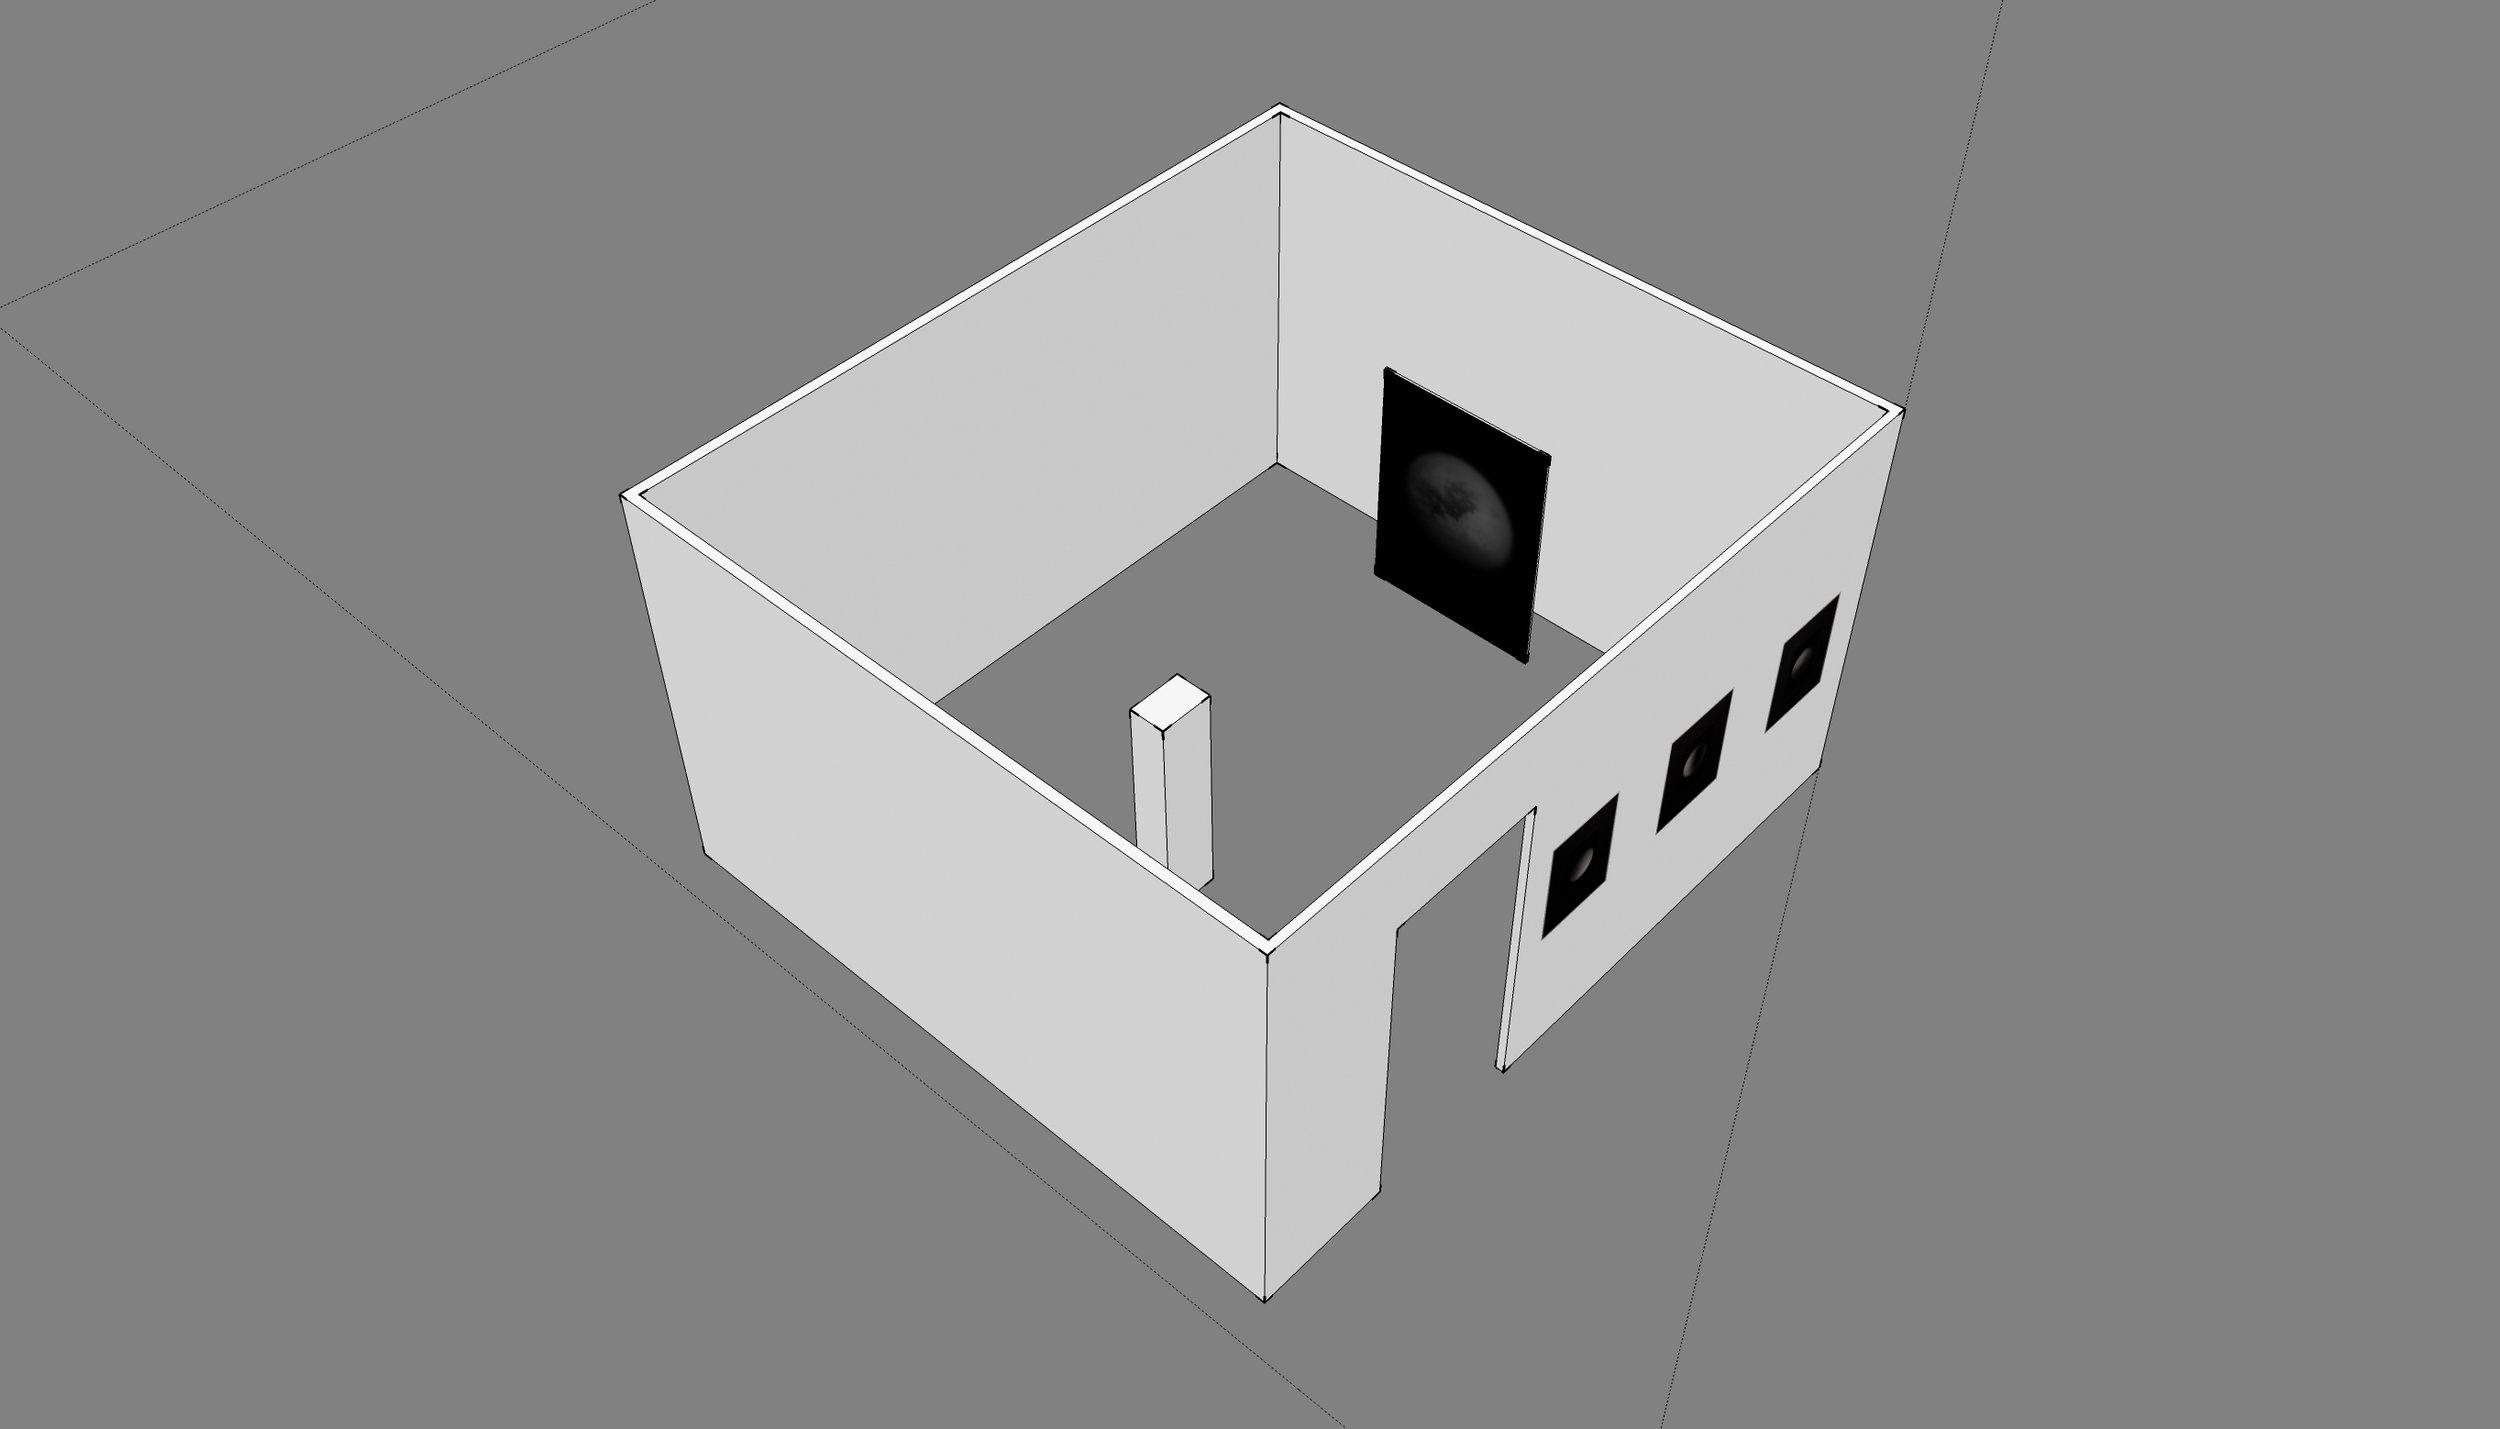 installation_sketch_facula.jpg